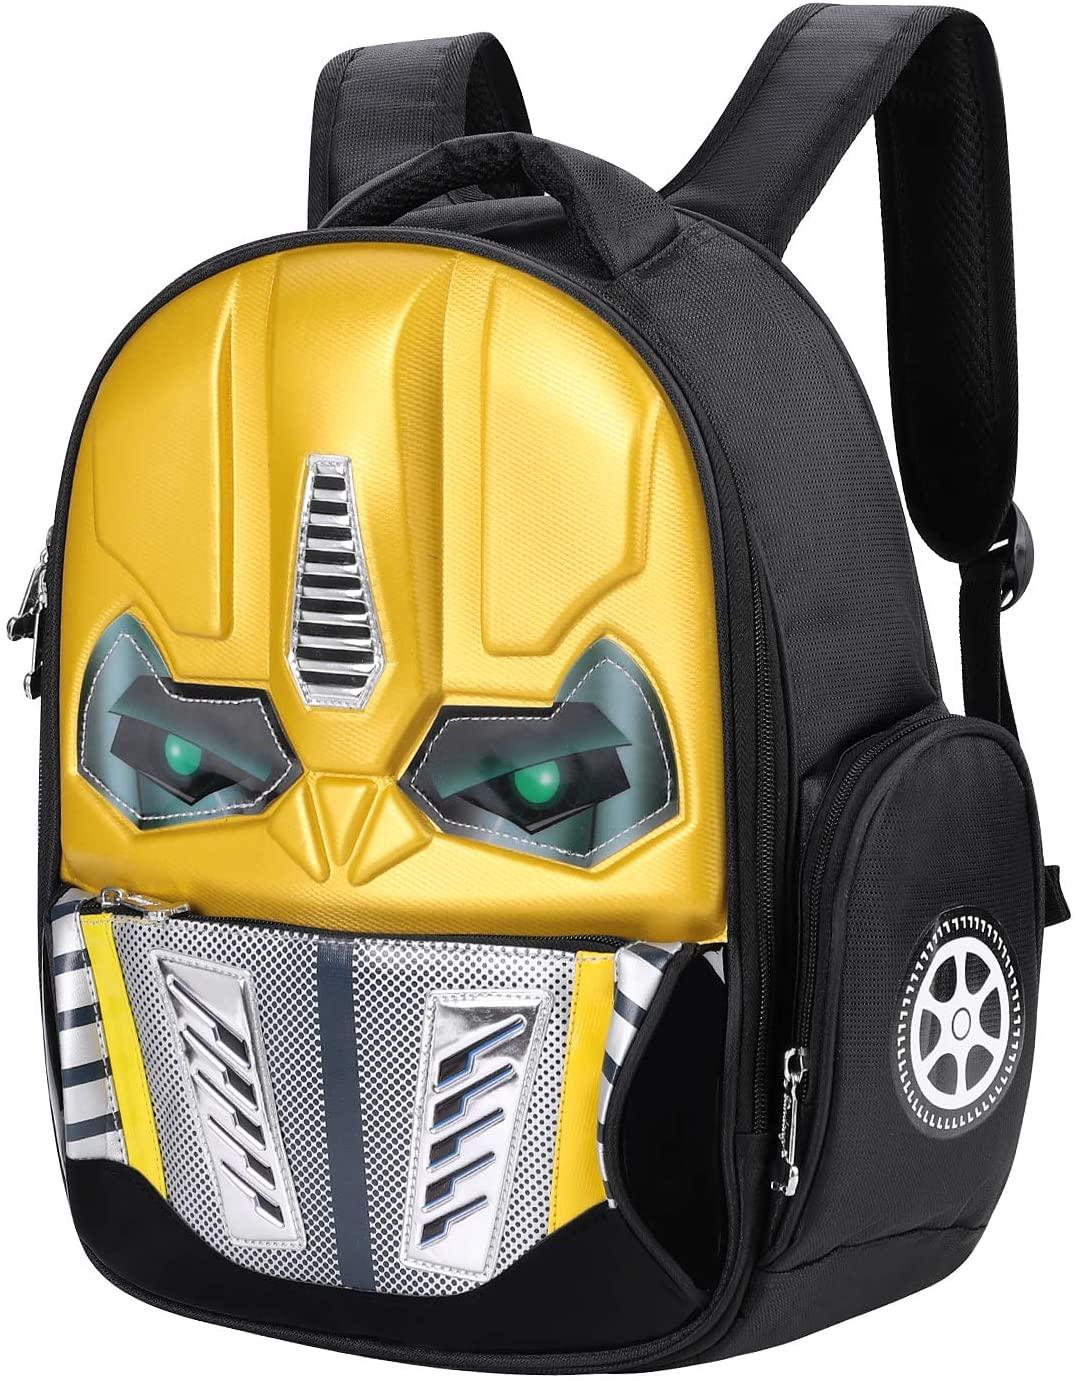 Mochila para el Robot de niños, Mochila 3D para niños, Brillante, Mochila Escolar, Primaria, Colegio, Viaje, pícnic, Backpack 5-10 años, Amarillo (Amarillo) - SHU-BAO-000018-IB-FR